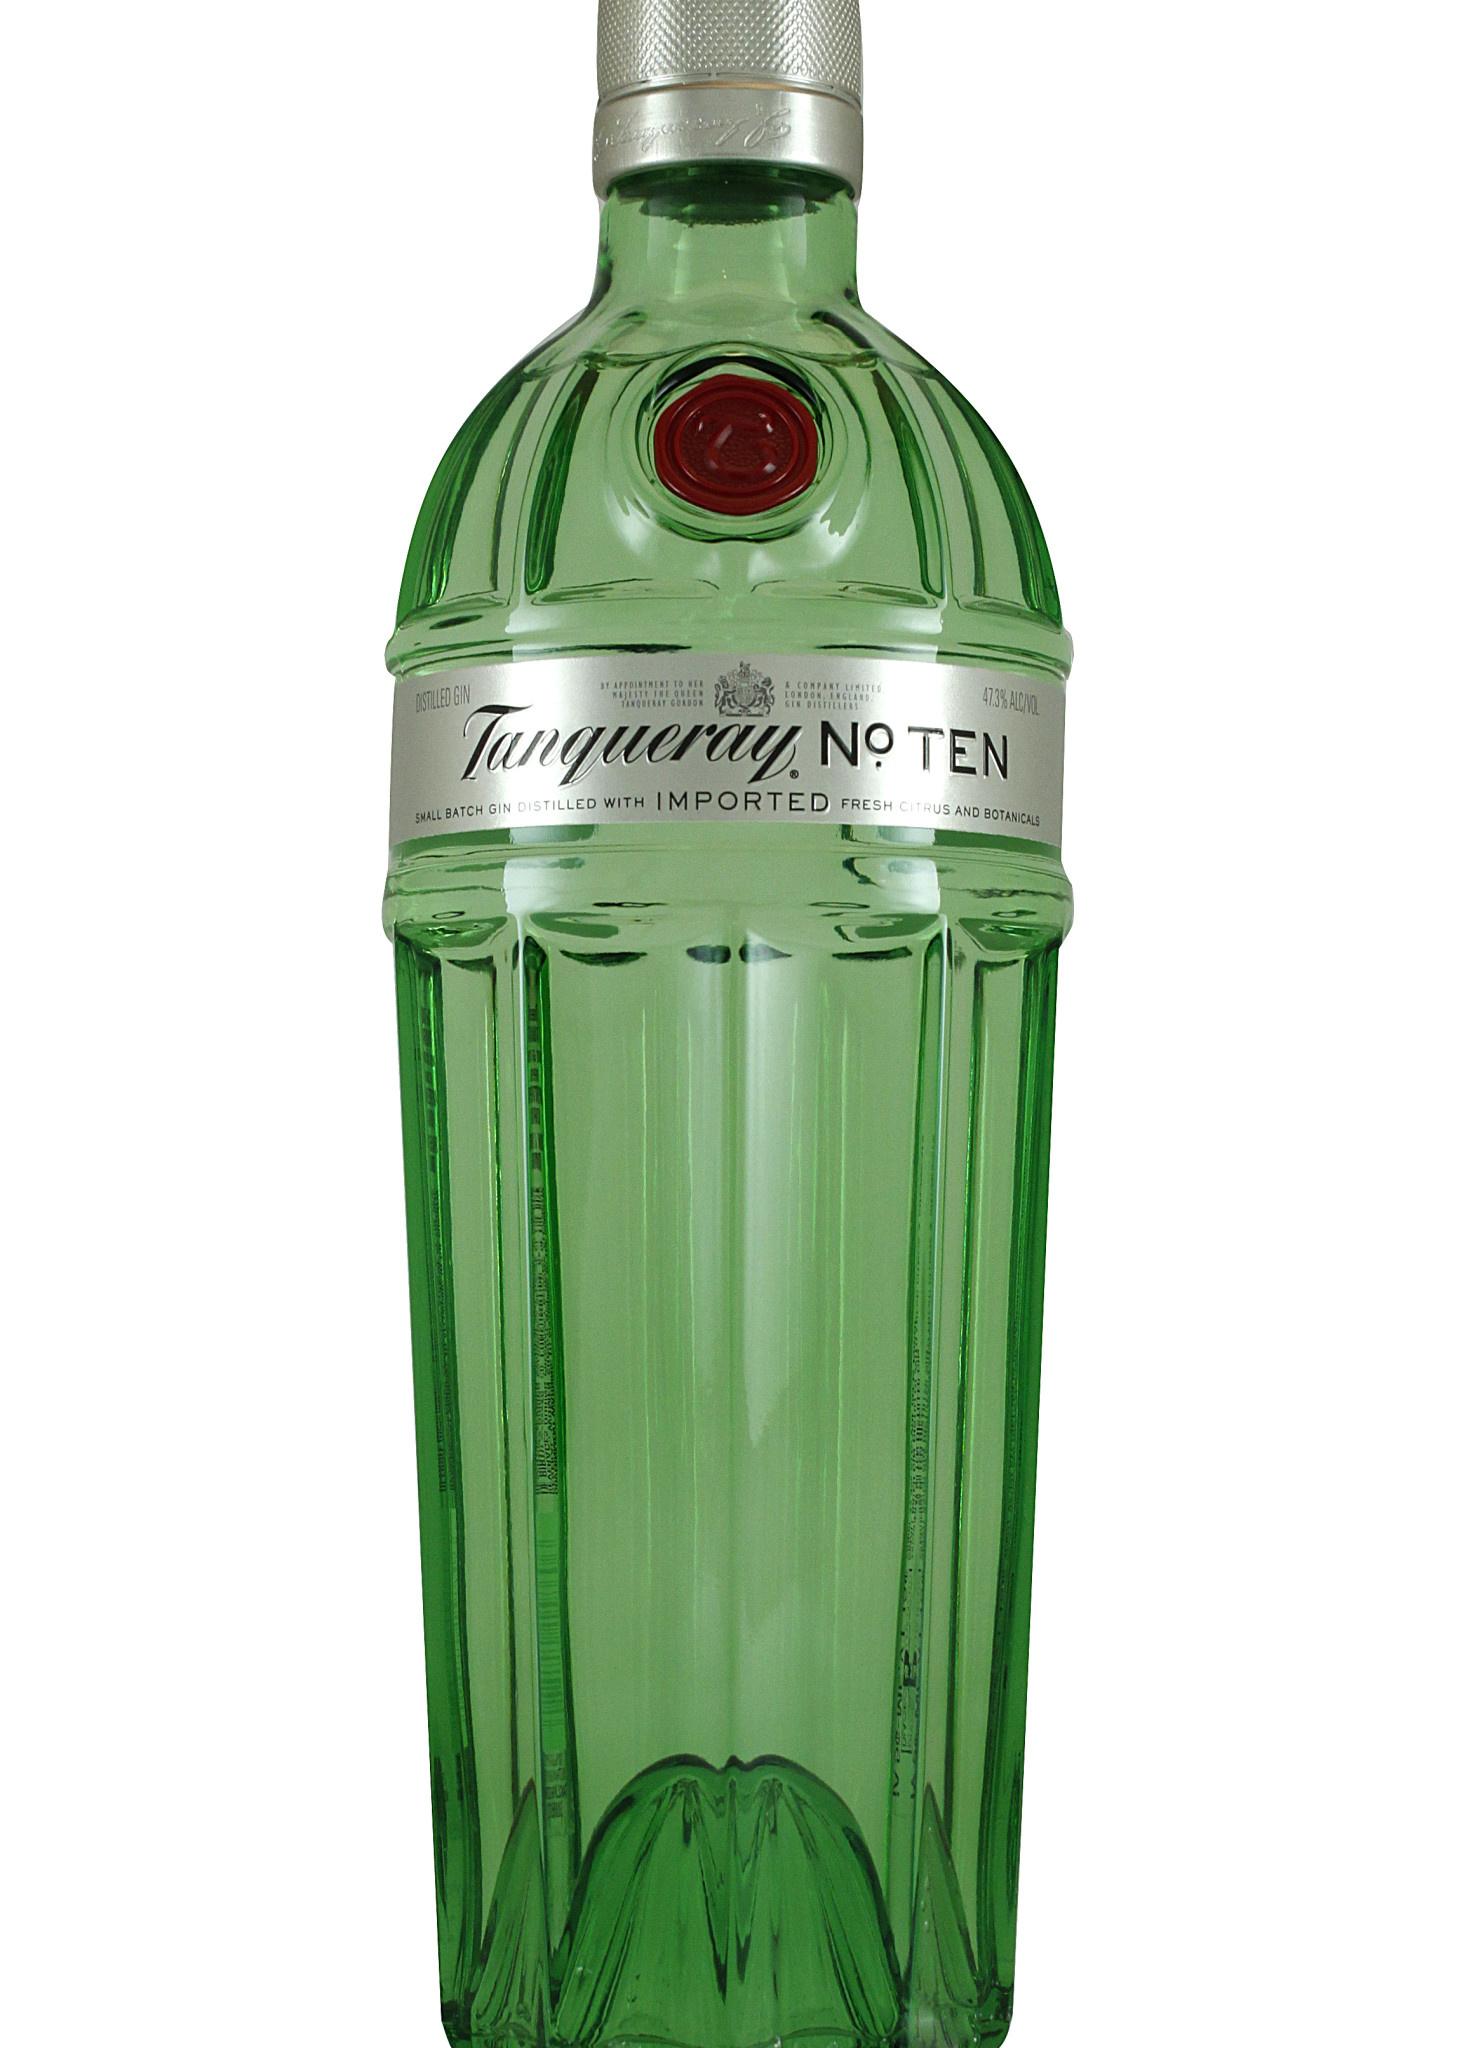 Tanqueray No. TEN Gin, Scotland